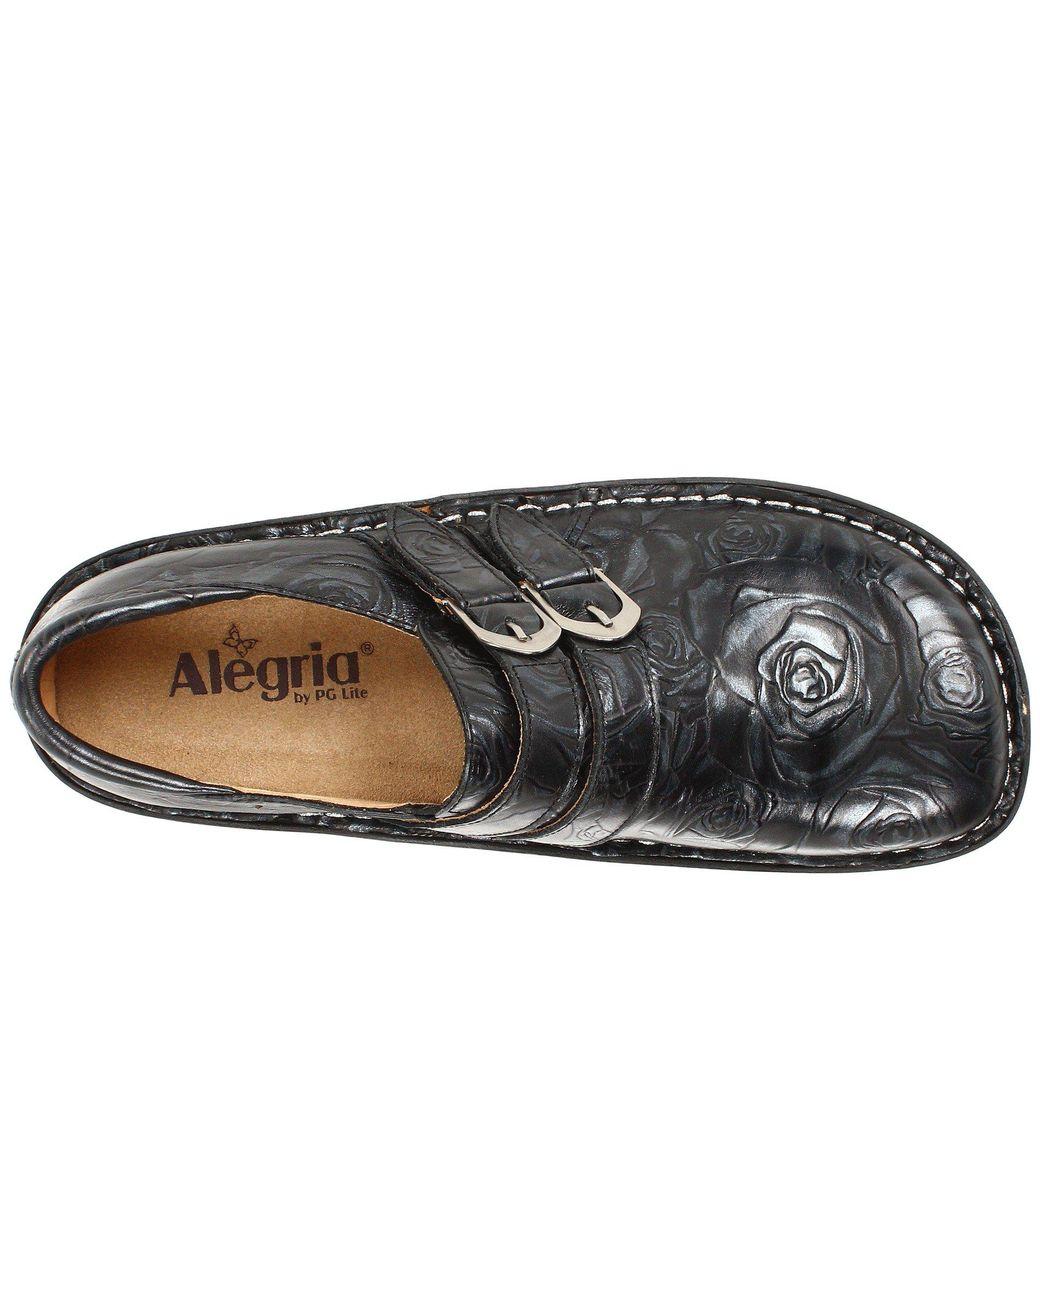 88a8e362a2ff Lyst - Alegria Alli Professional (black Silver Rose) Women s Clog Shoes in  Black - Save 25%